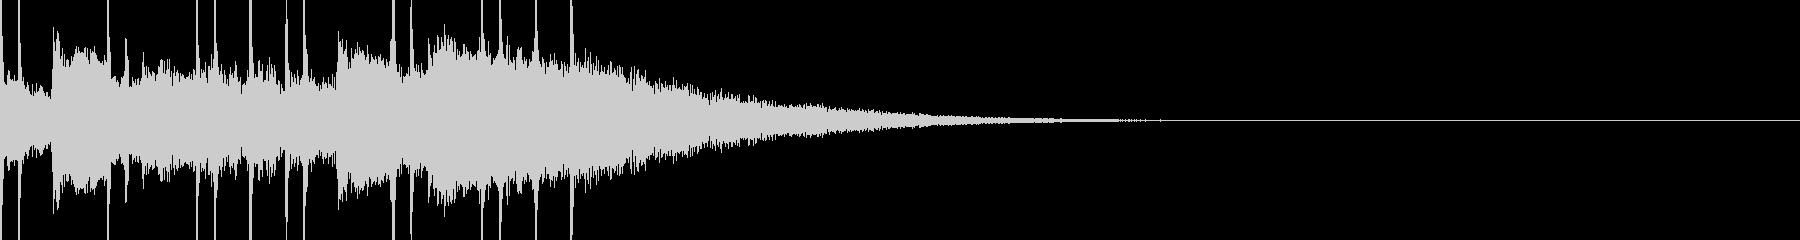 透明感のあるサウンドロゴ、ジングルの未再生の波形